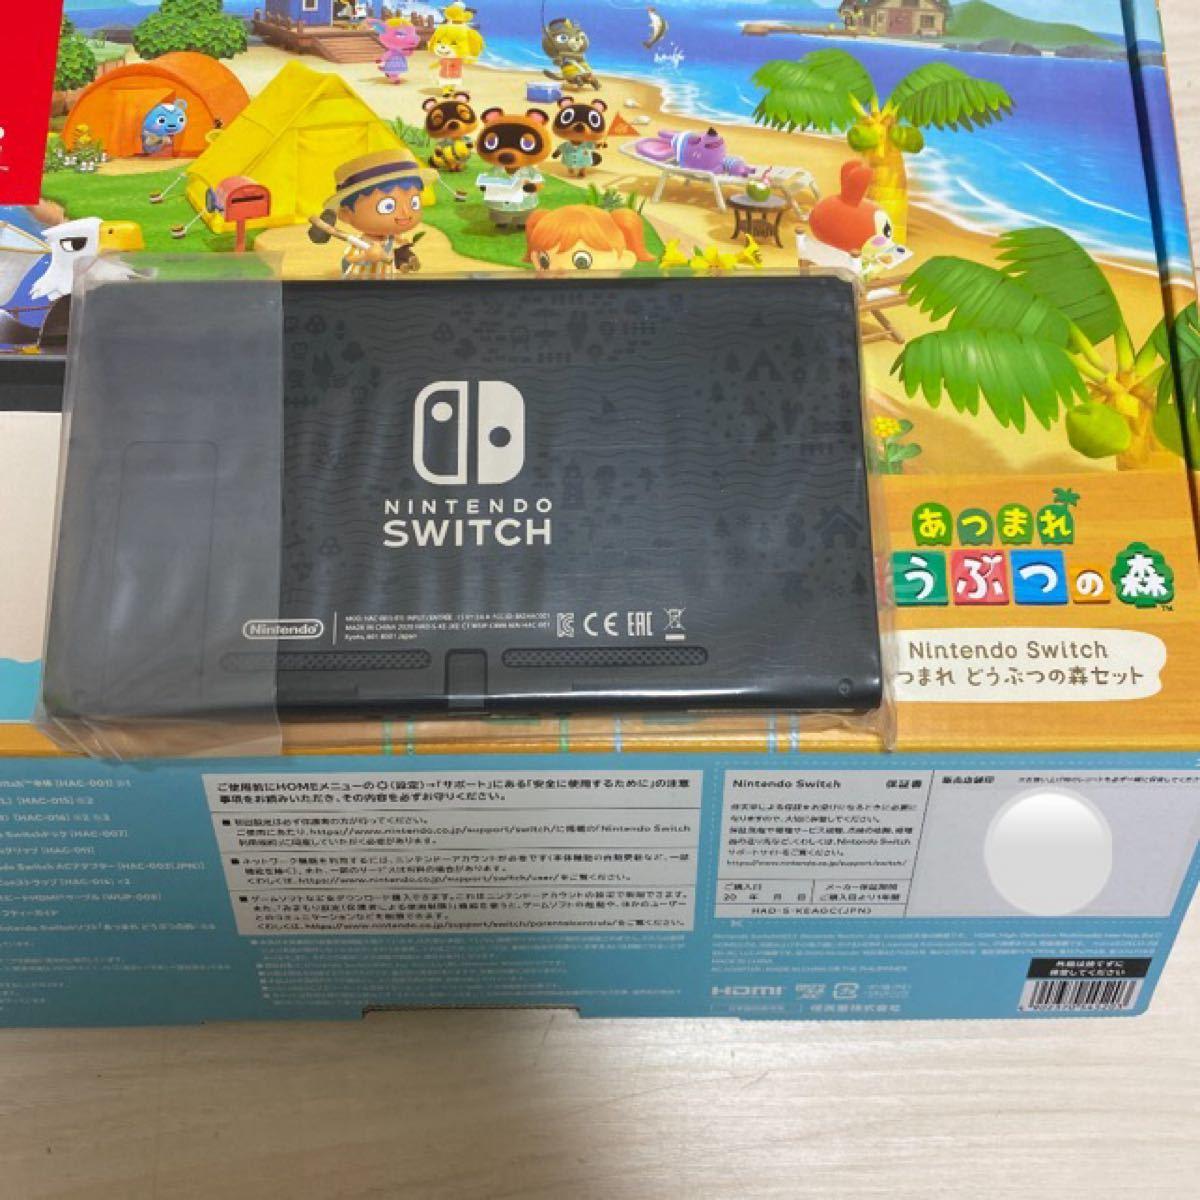 Switch画面本体(どうぶつの森同梱版)と外箱のみの出品 付属品なしです。